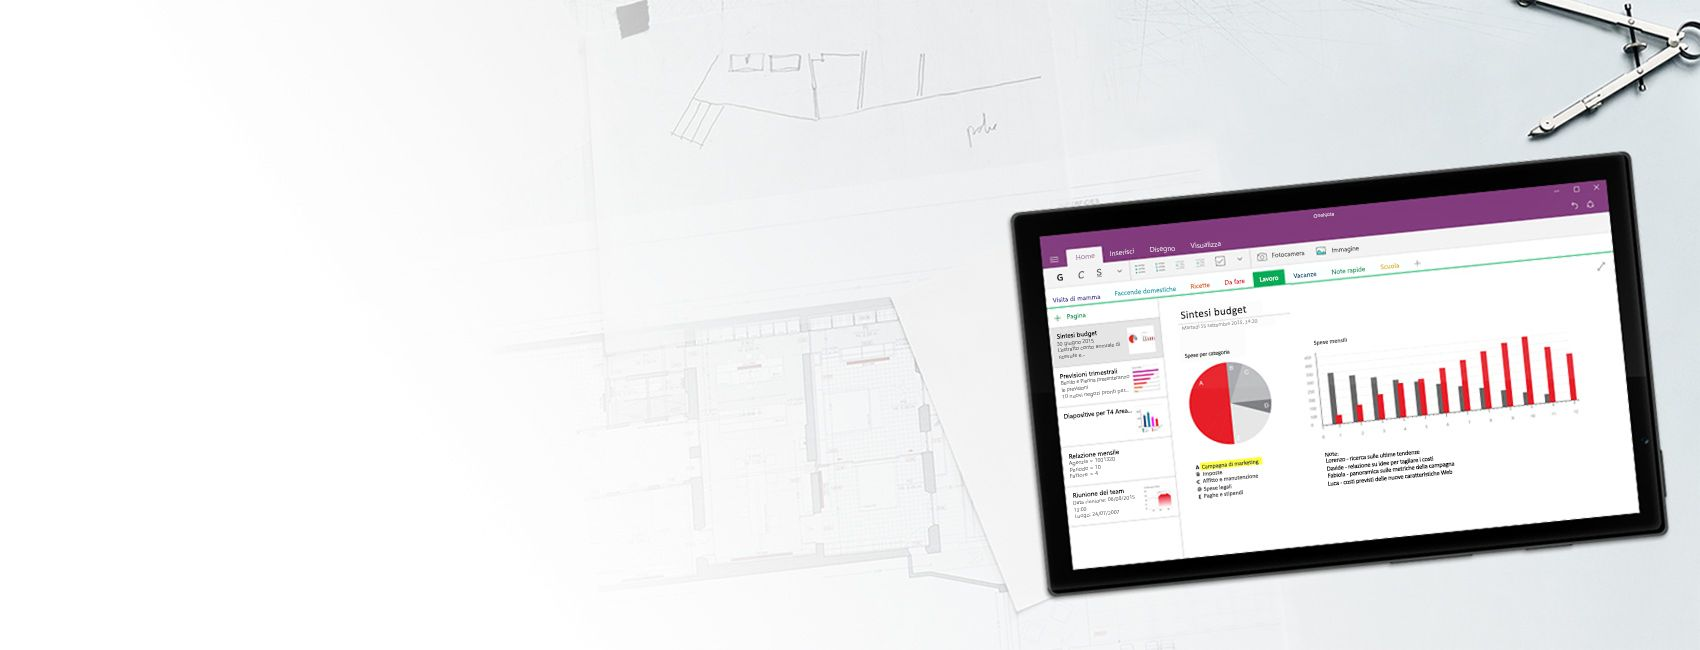 Tablet Windows che visualizza un blocco appunti di OneNote con grafici e diagrammi riepilogativi del budget